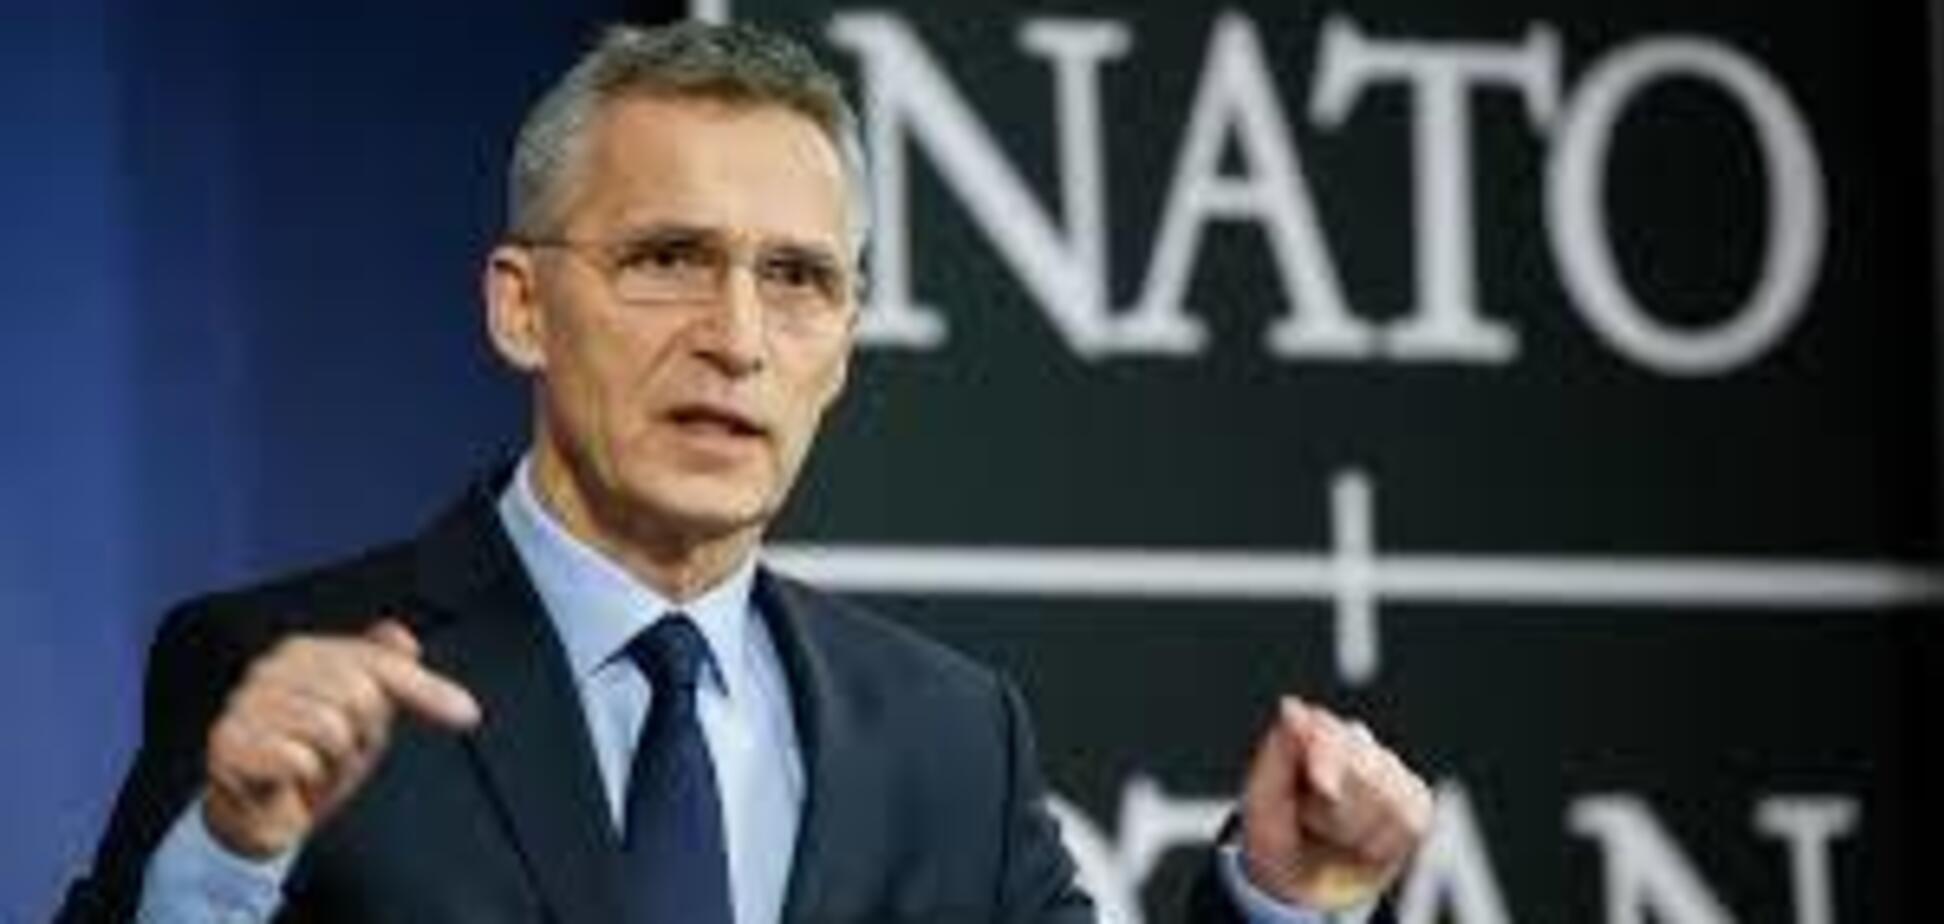 Ракеты Путина в Европе: в НАТО предупредили, что готовы к защите